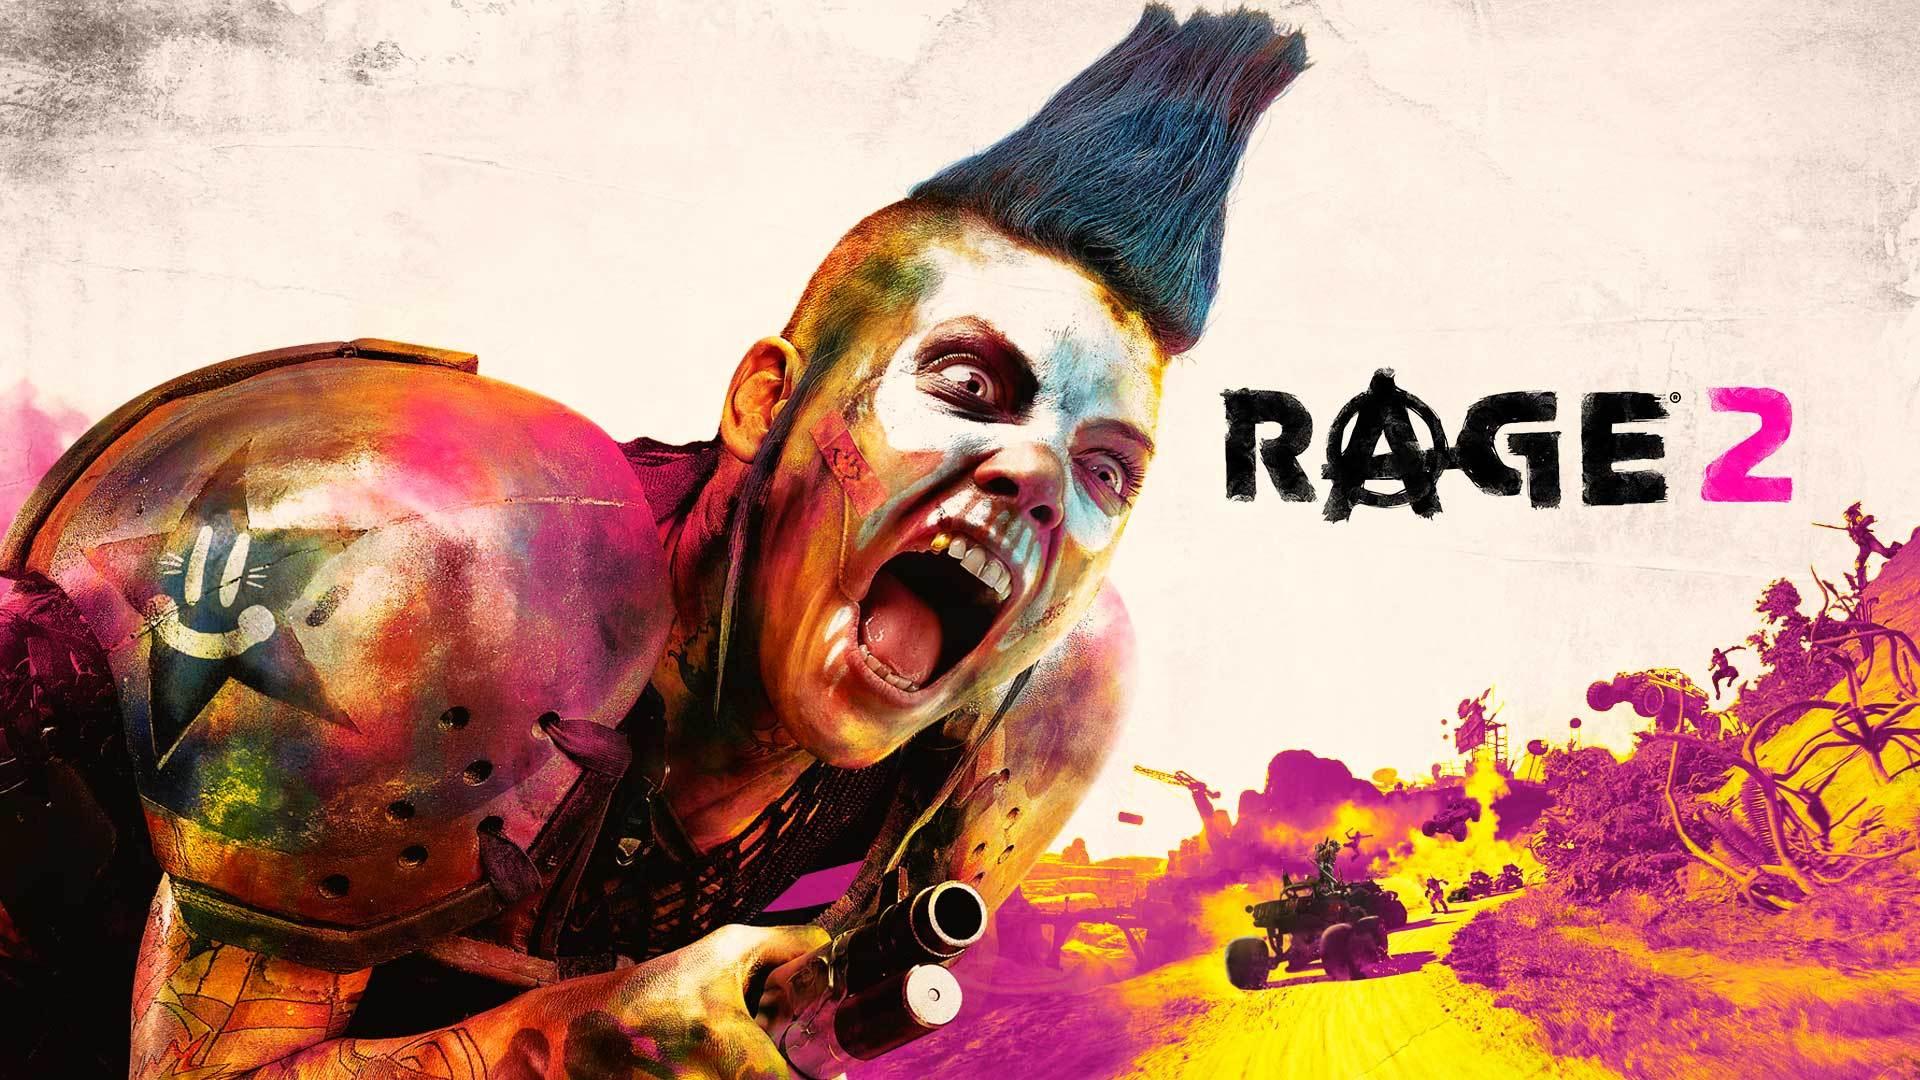 Recensione Rage 2: vale la pena dargli una chance? thumbnail